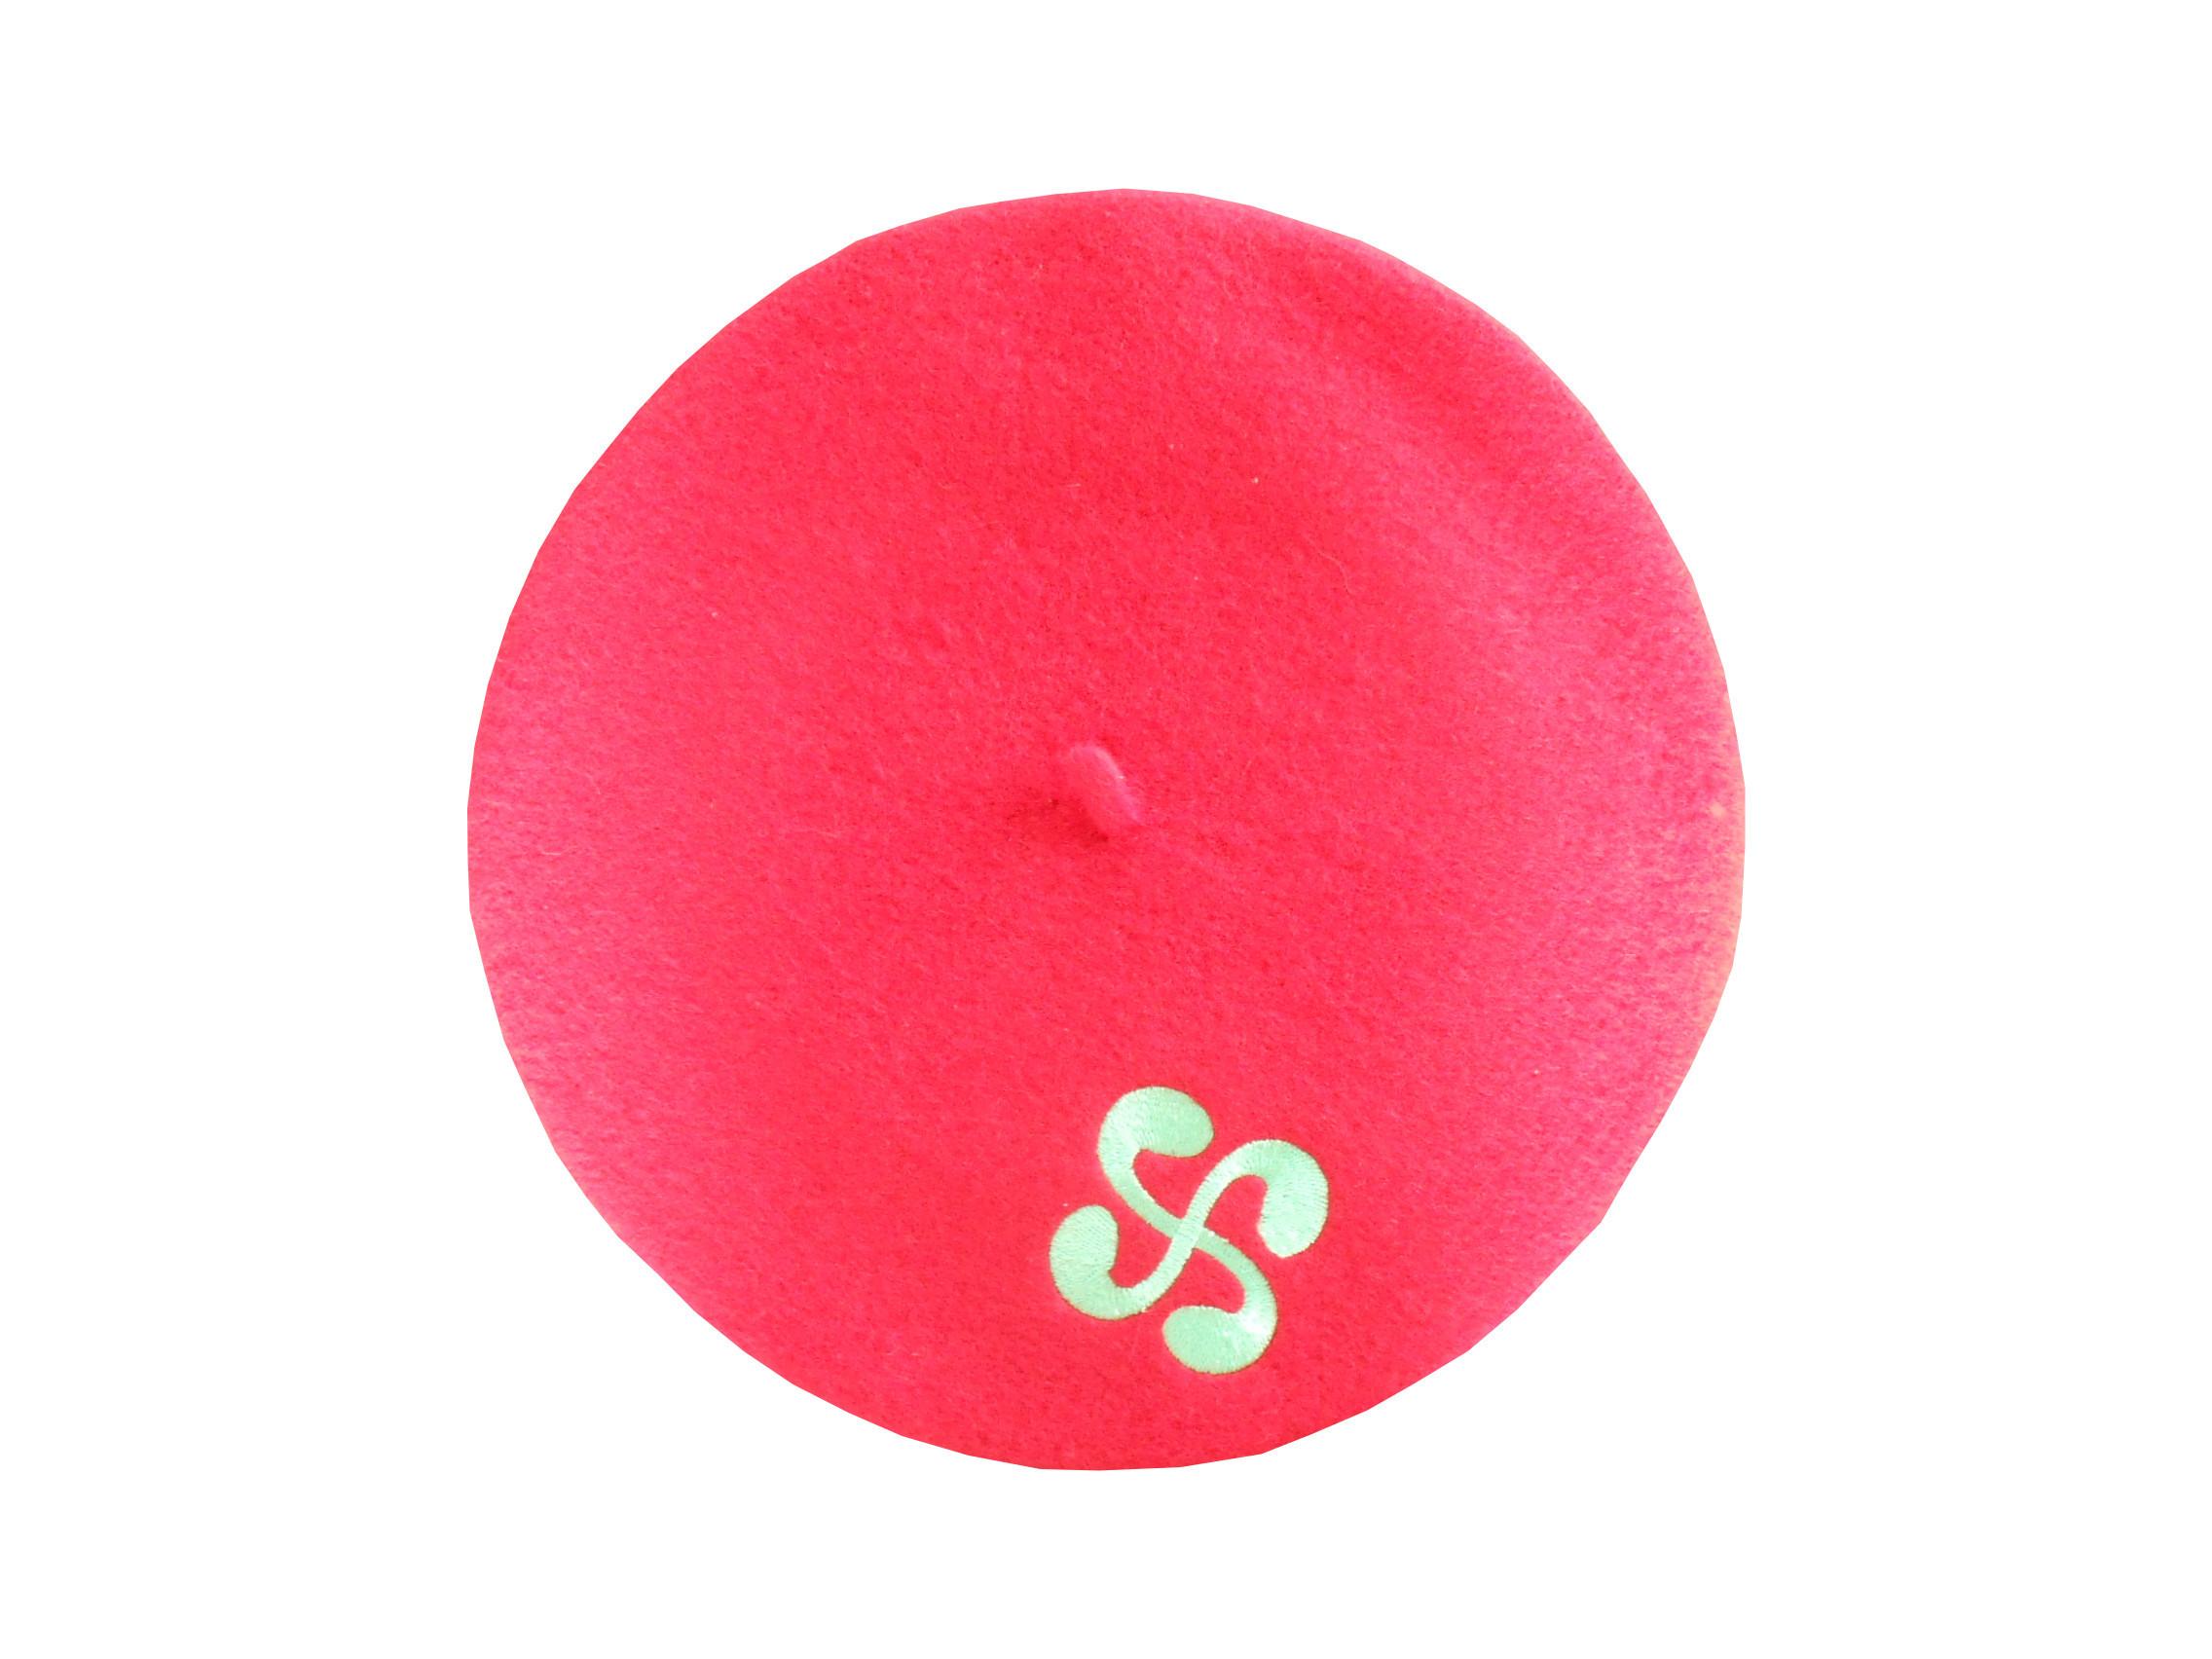 Béret rouge avec la croix basque pour adulte à 5.90 €